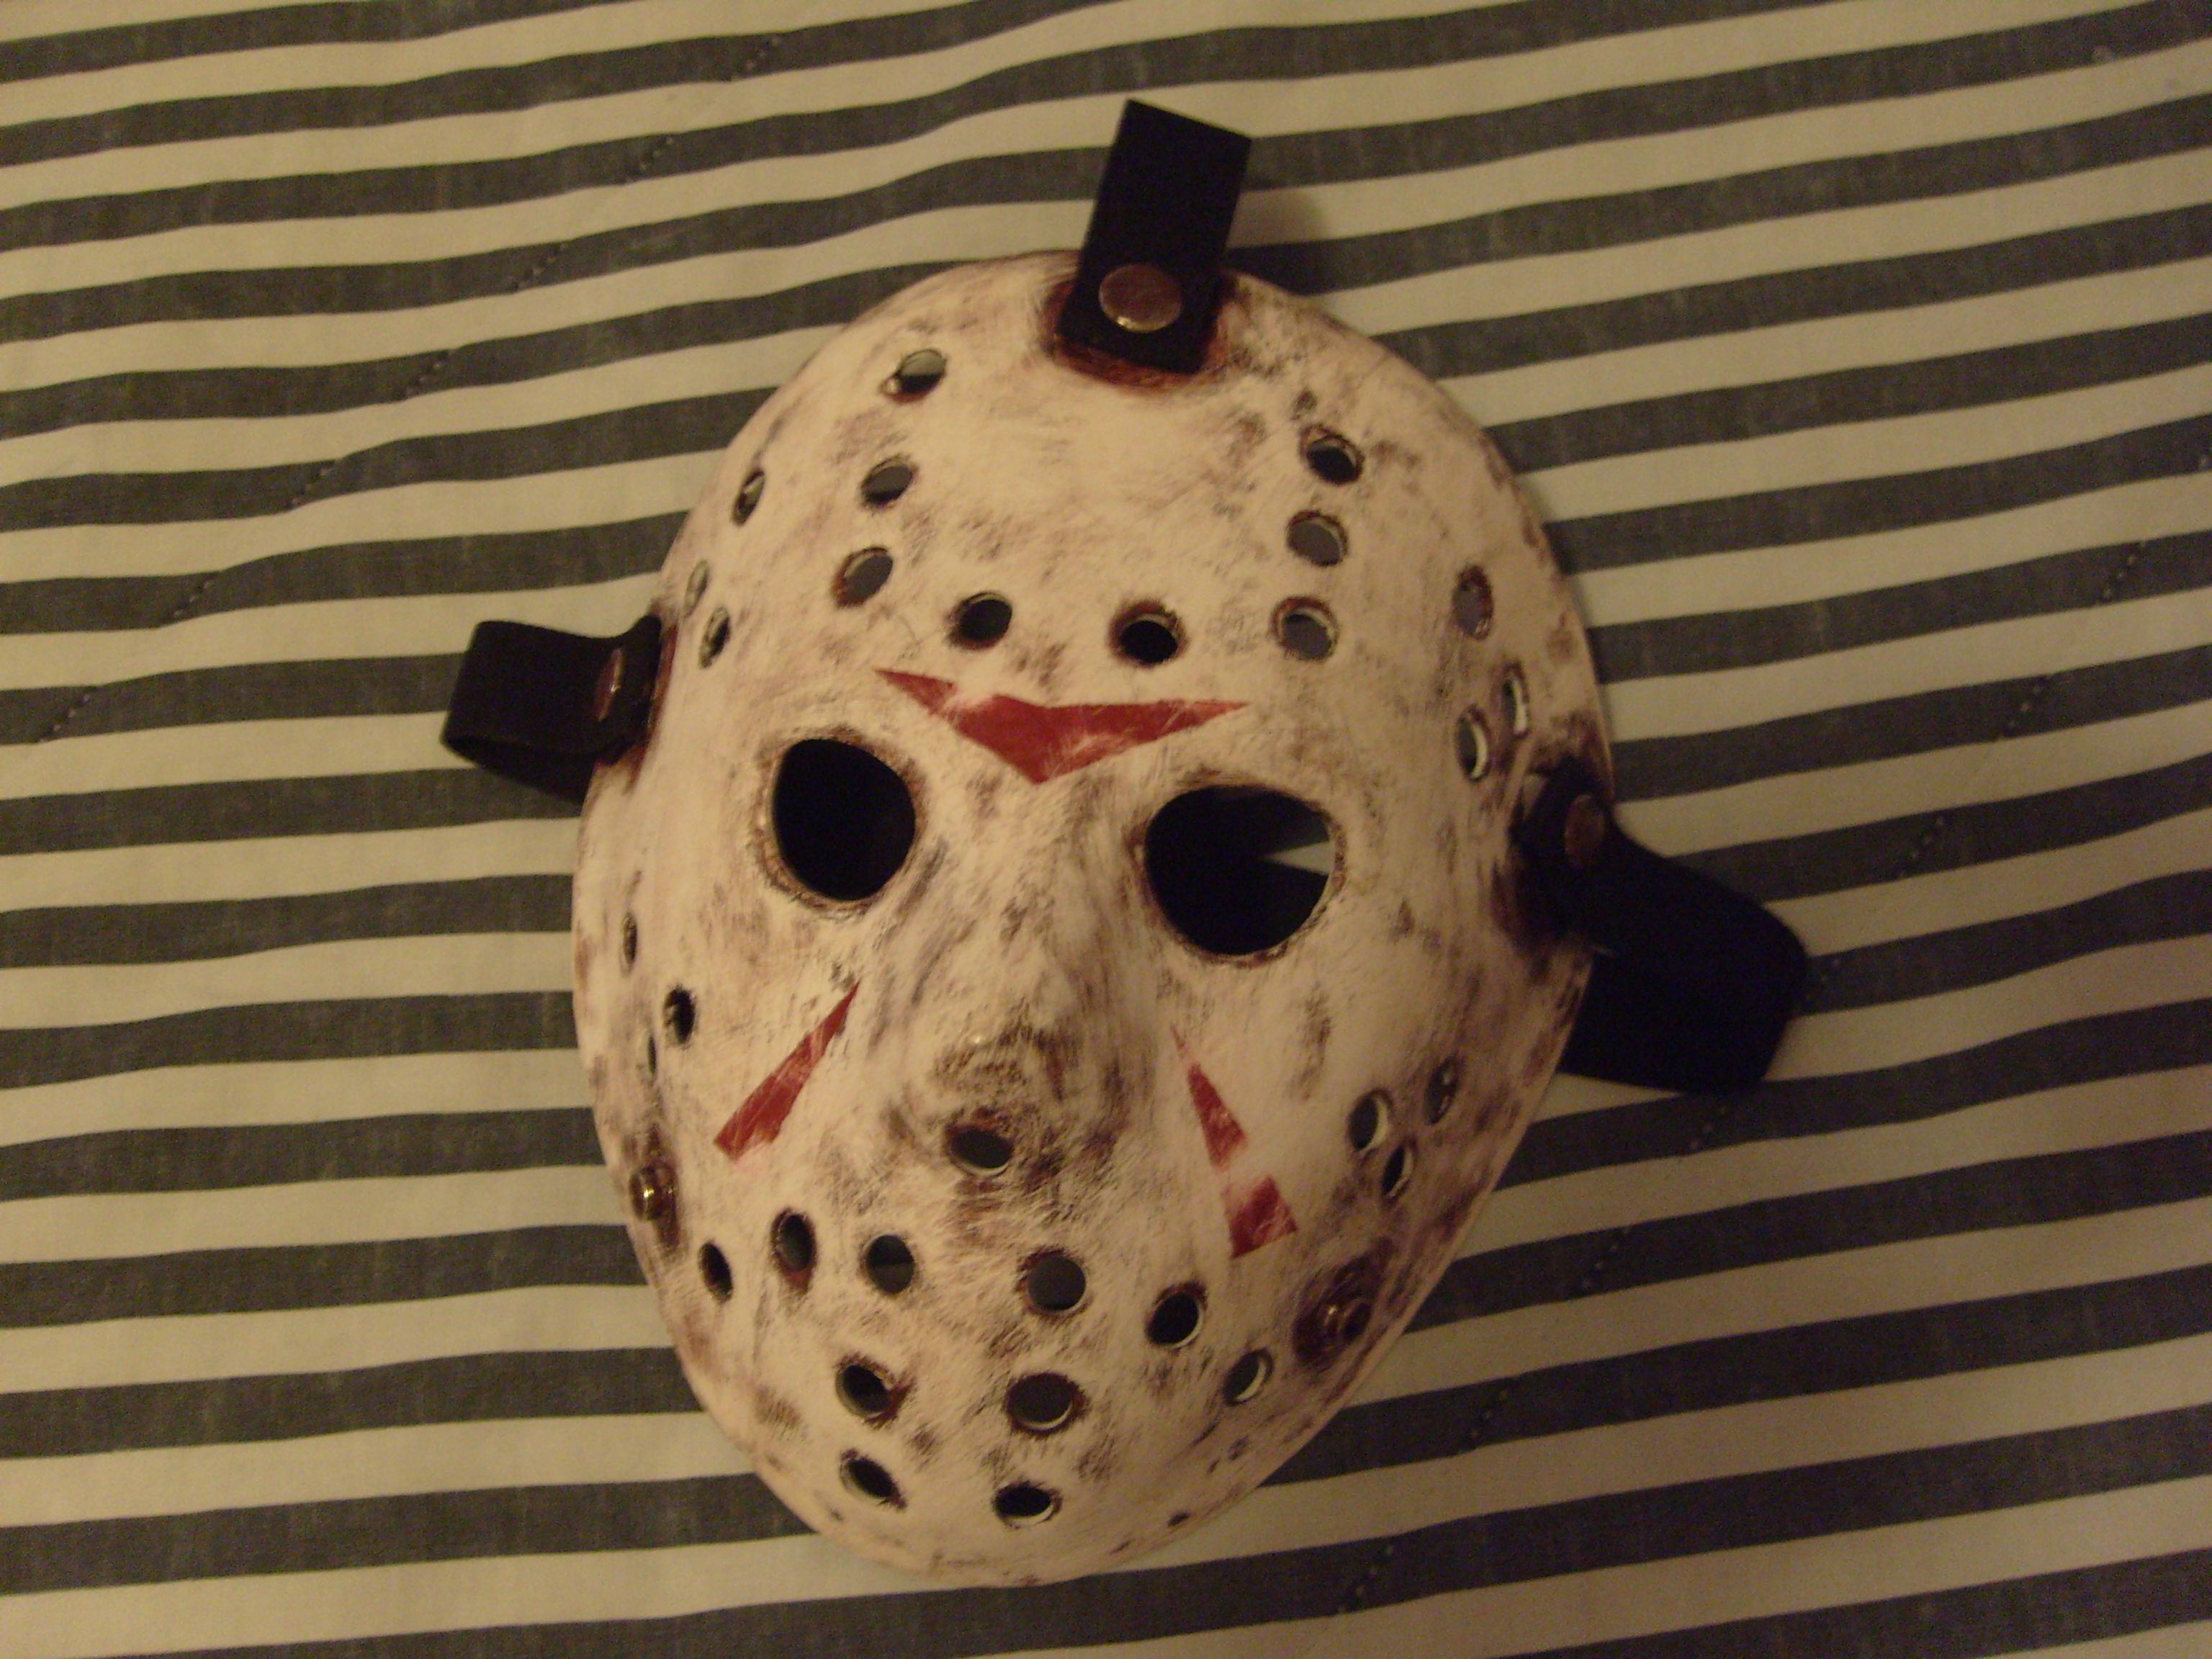 Hockey Mask of Jason Voorhees